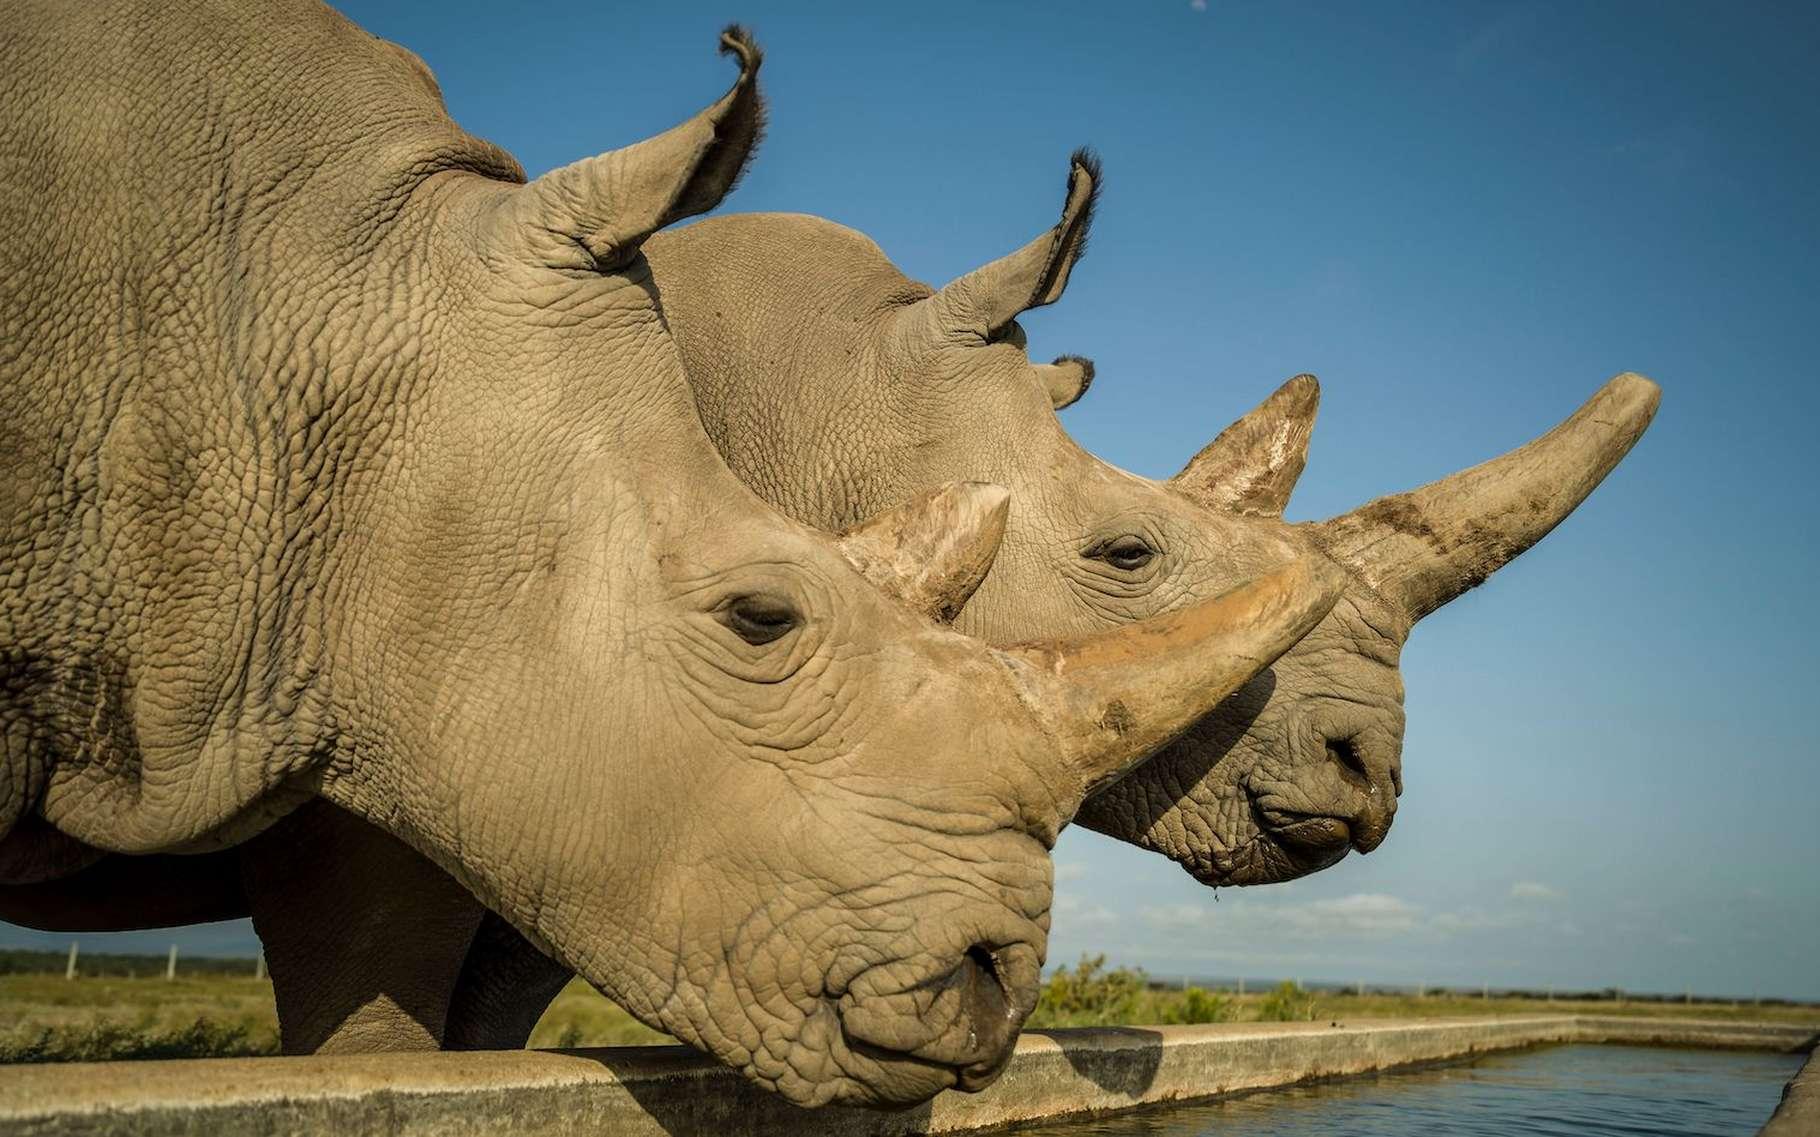 Najin, à gauche, et Fatu, à droite, sont les dernières survivantes d'une espèce de rhinocéros, les rhinocéros blancs du Nord. Elles viennent de donner leurs ovocytes et les chercheurs, après être parvenus à les féconder, espèrent pouvoir ressusciter l'espèce. © Elodie Sampere, Ol Pejeta Conservancy